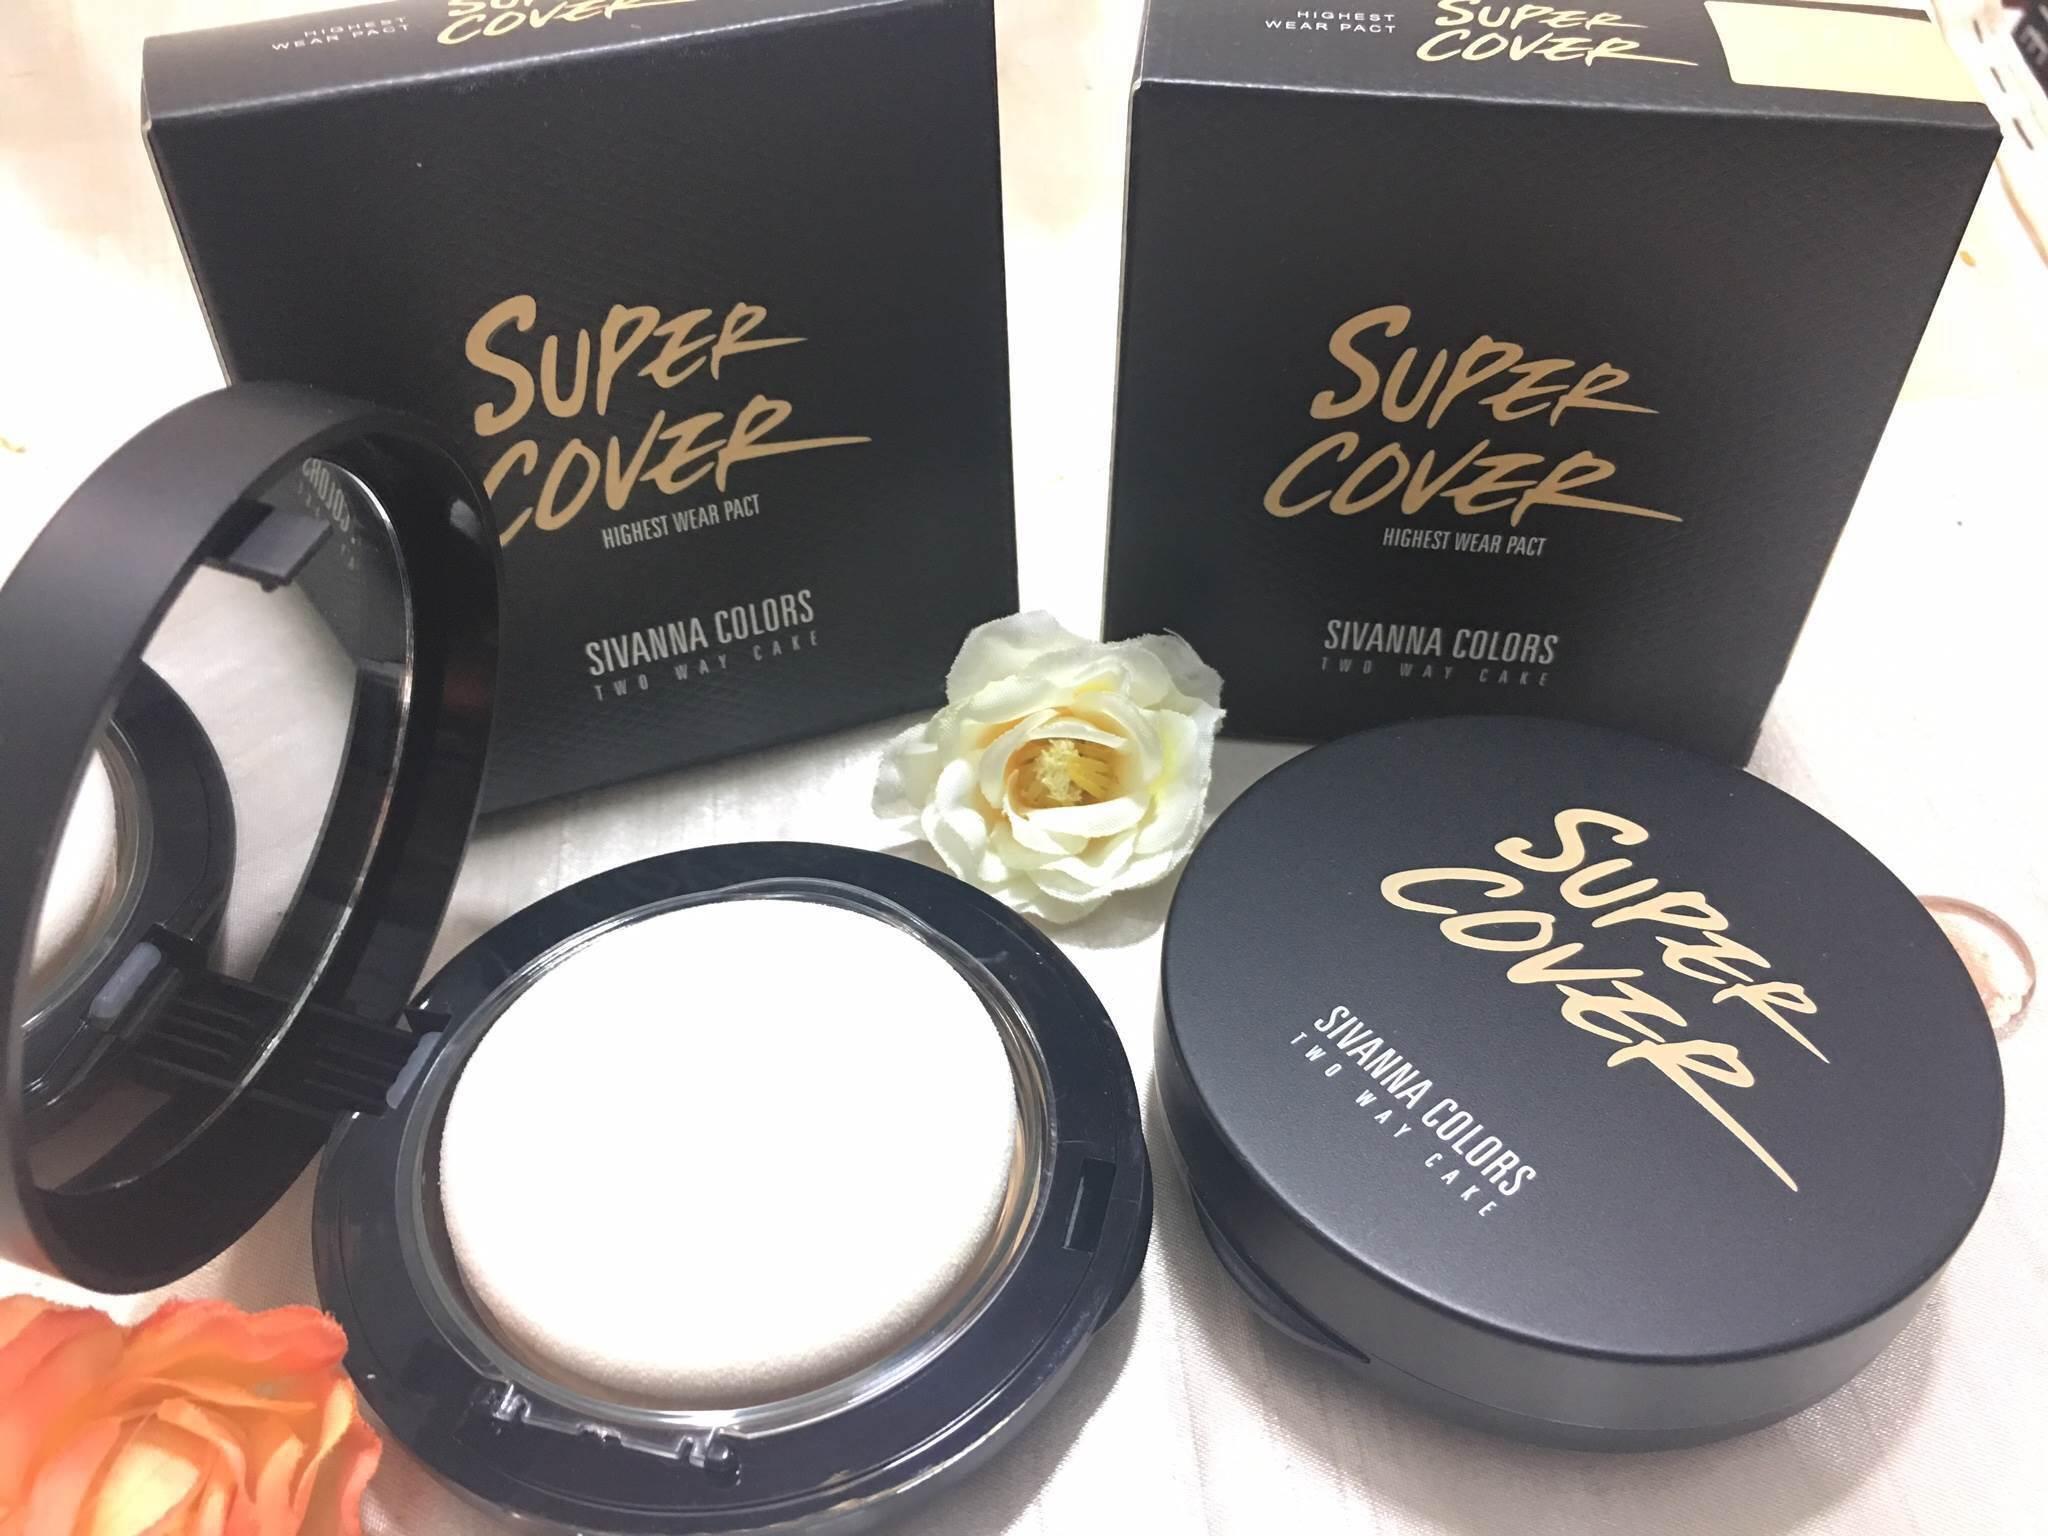 แป้งพัฟหน้าเด้ง Sivanna Super Cover Two Way Cake HF201 ราคาปลีก 100 บาท / ราคาส่ง 80 บาท